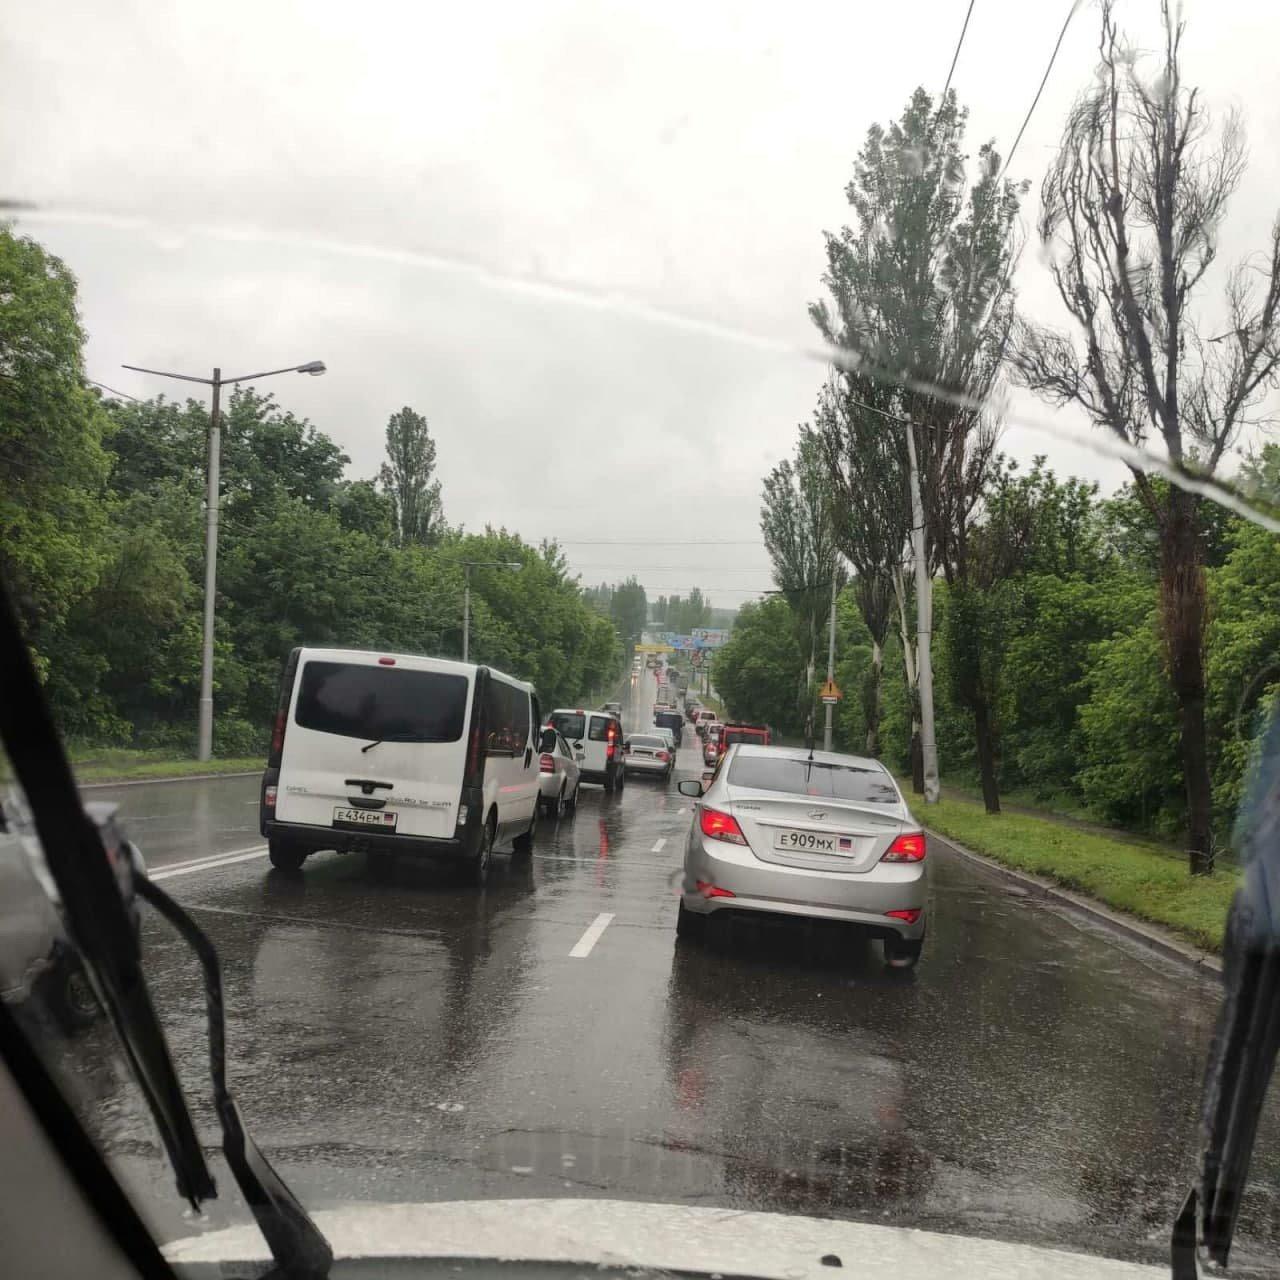 Непогода в оккупированном Донецке: произошли многочисленные ДТП, - ФОТО, фото-5